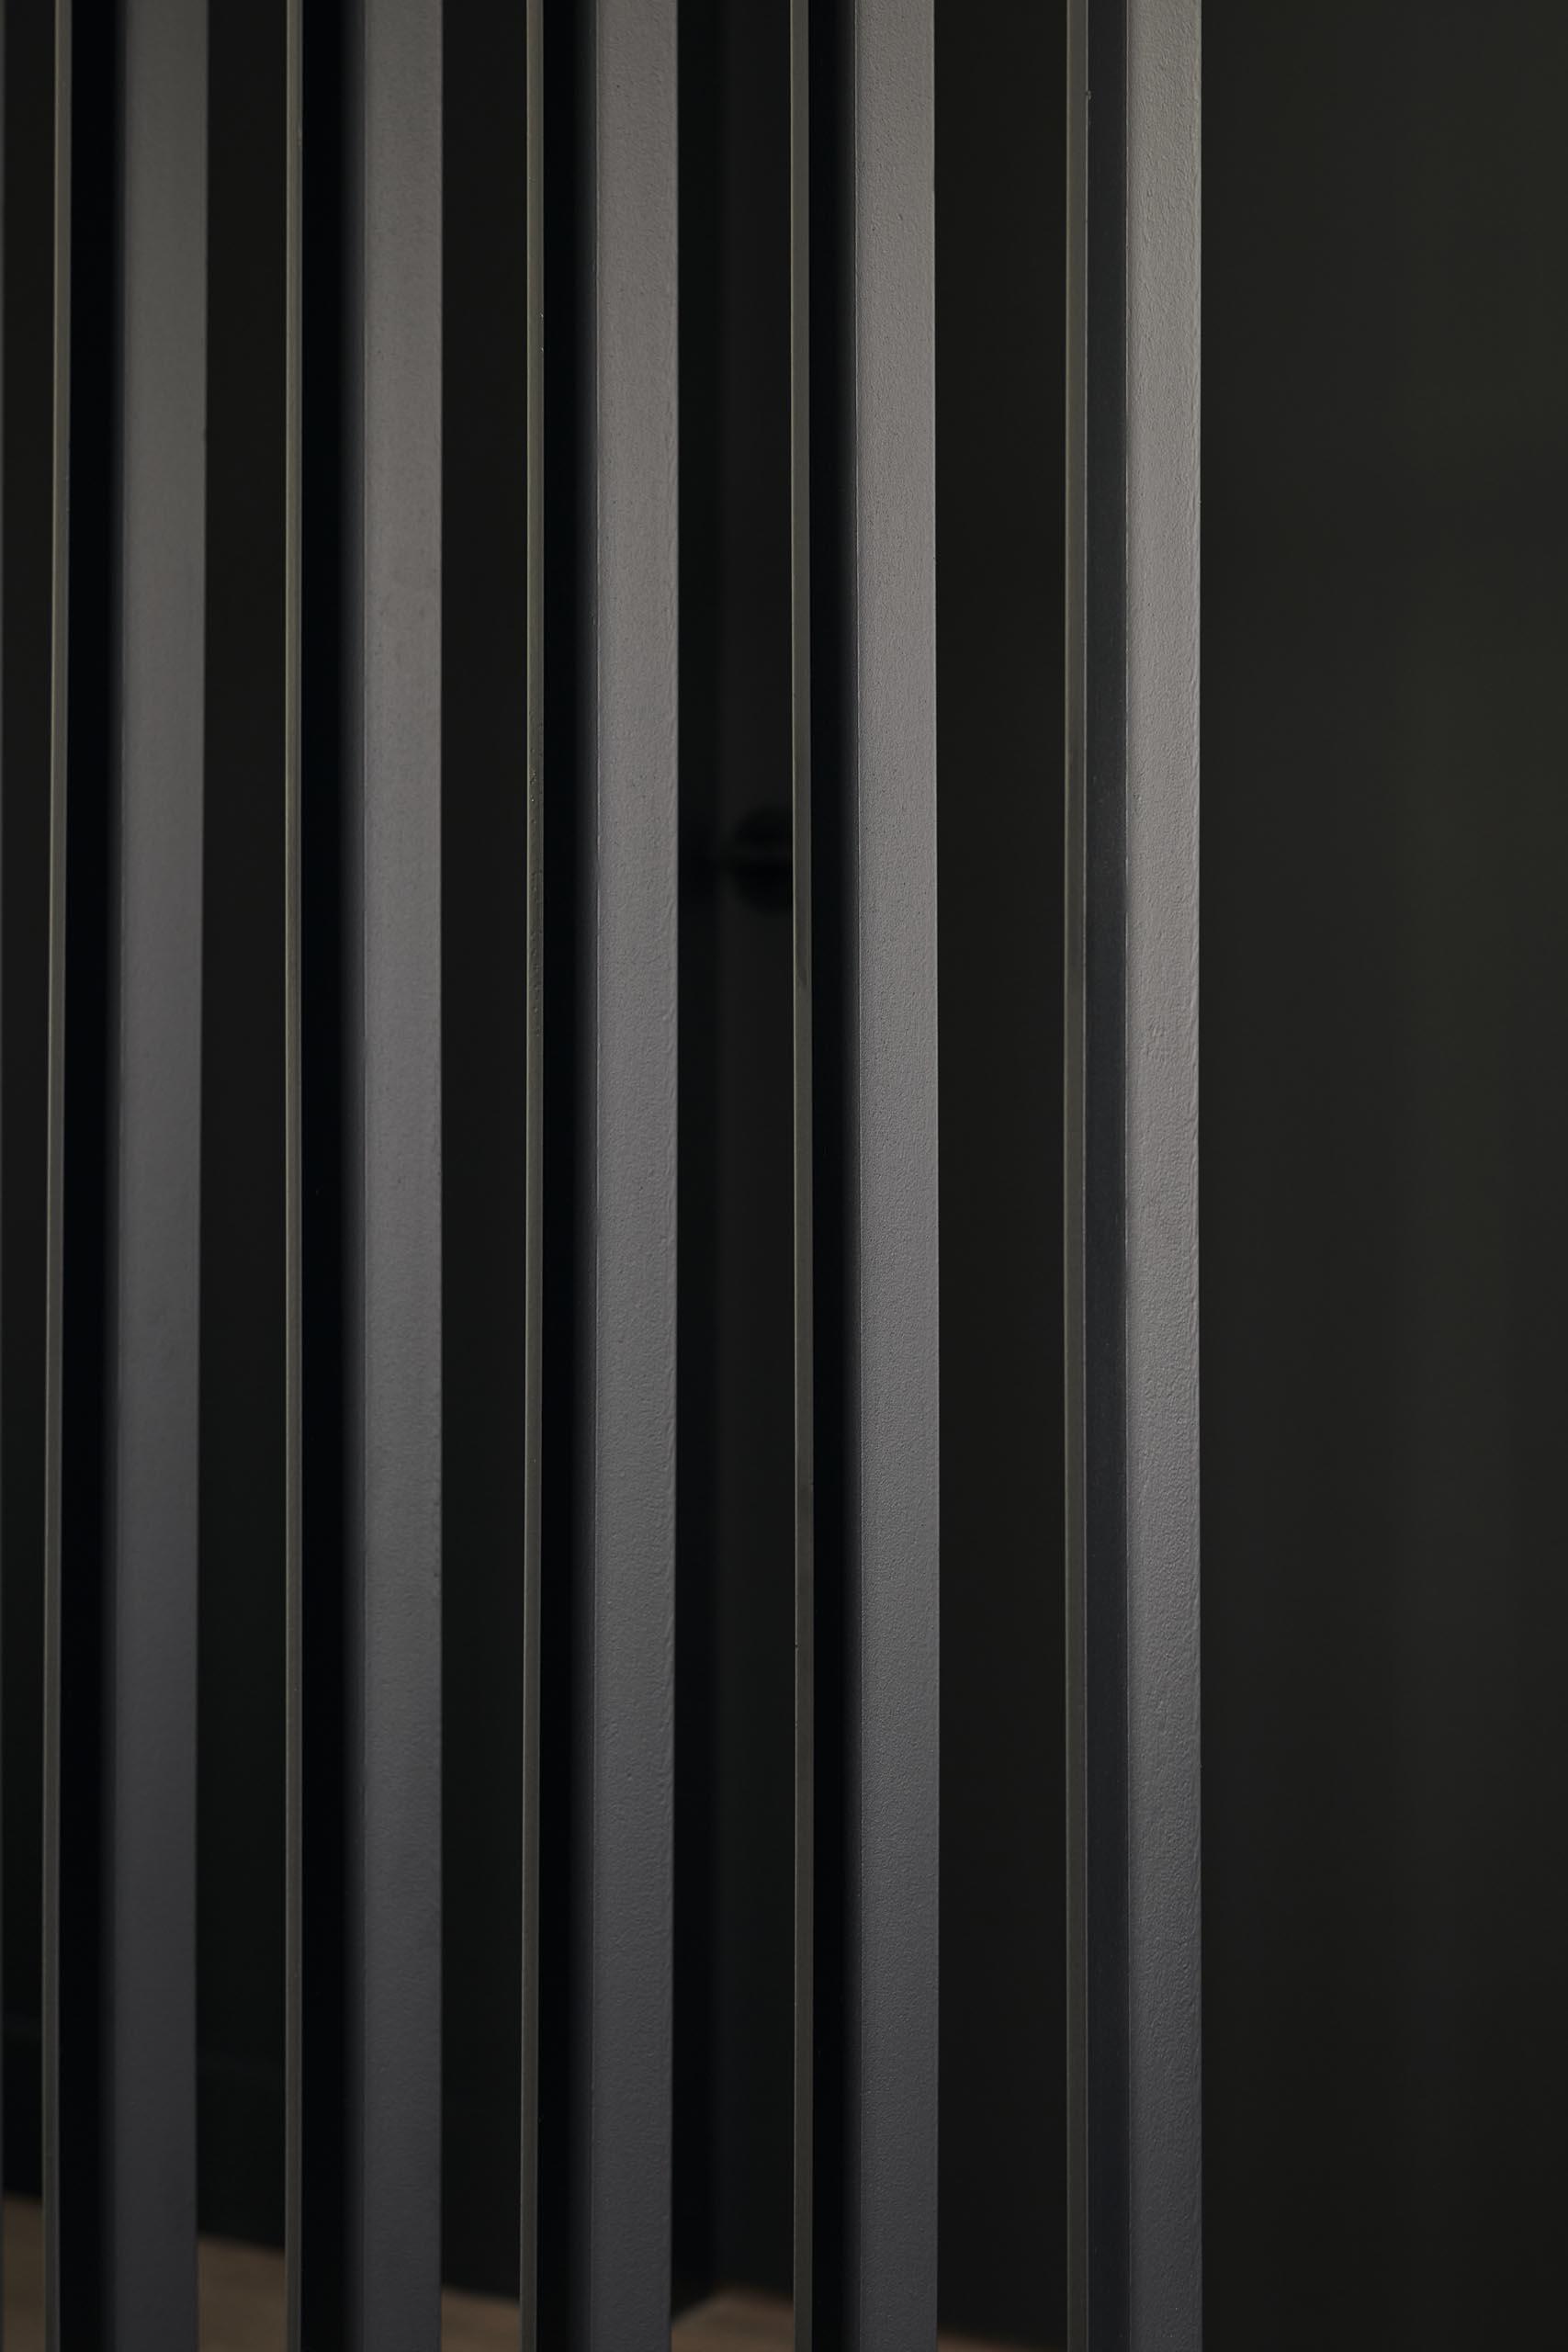 A closeup view of a room divider.